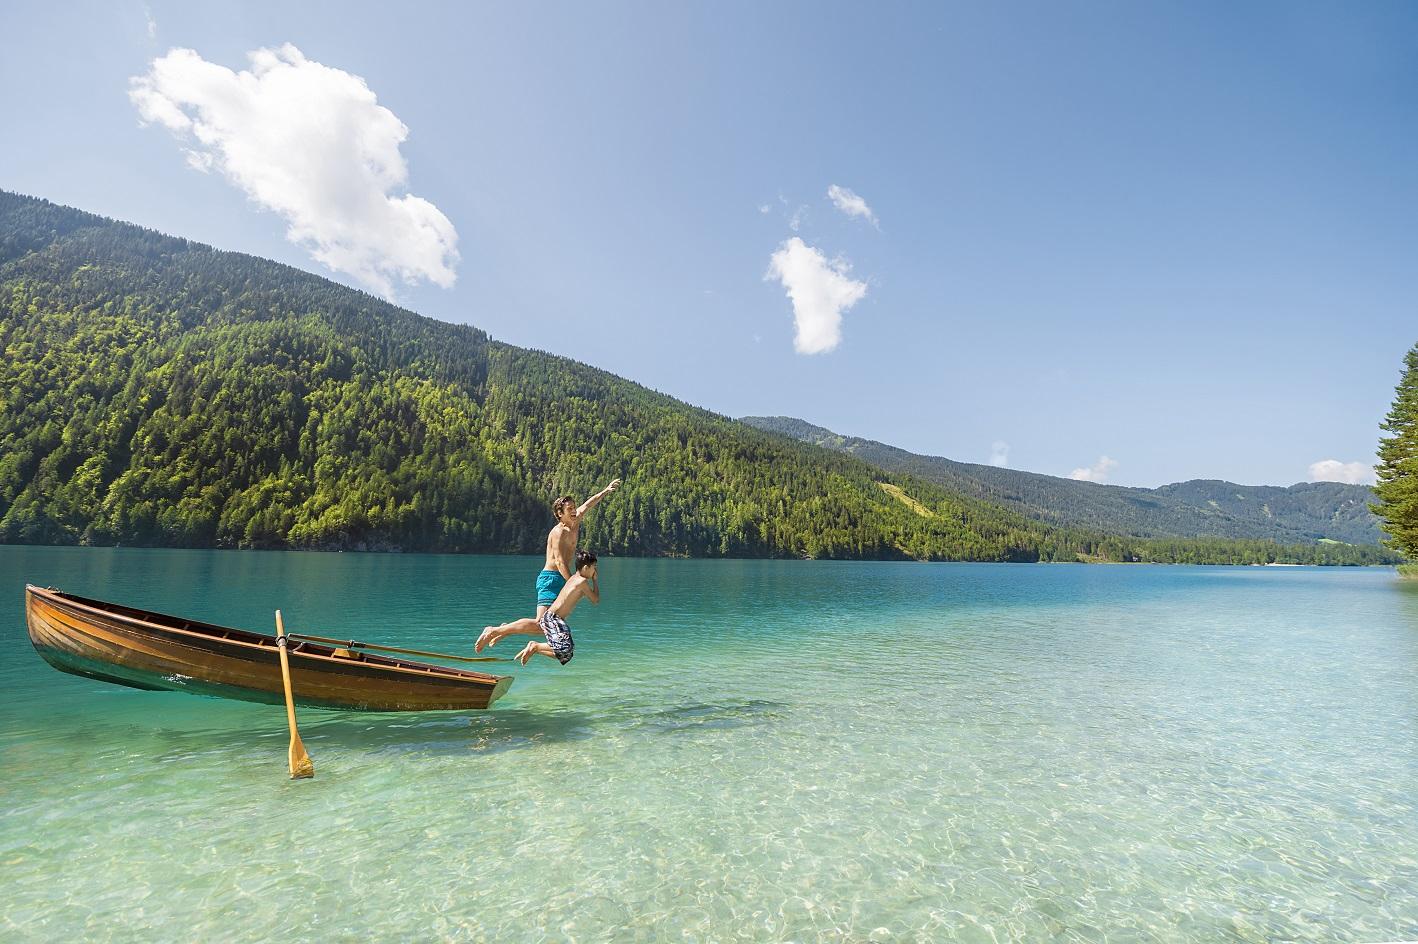 Der Weissensee spielt sämtliche Farbnuancen von Karibik –Türkis bis Tief-Blau